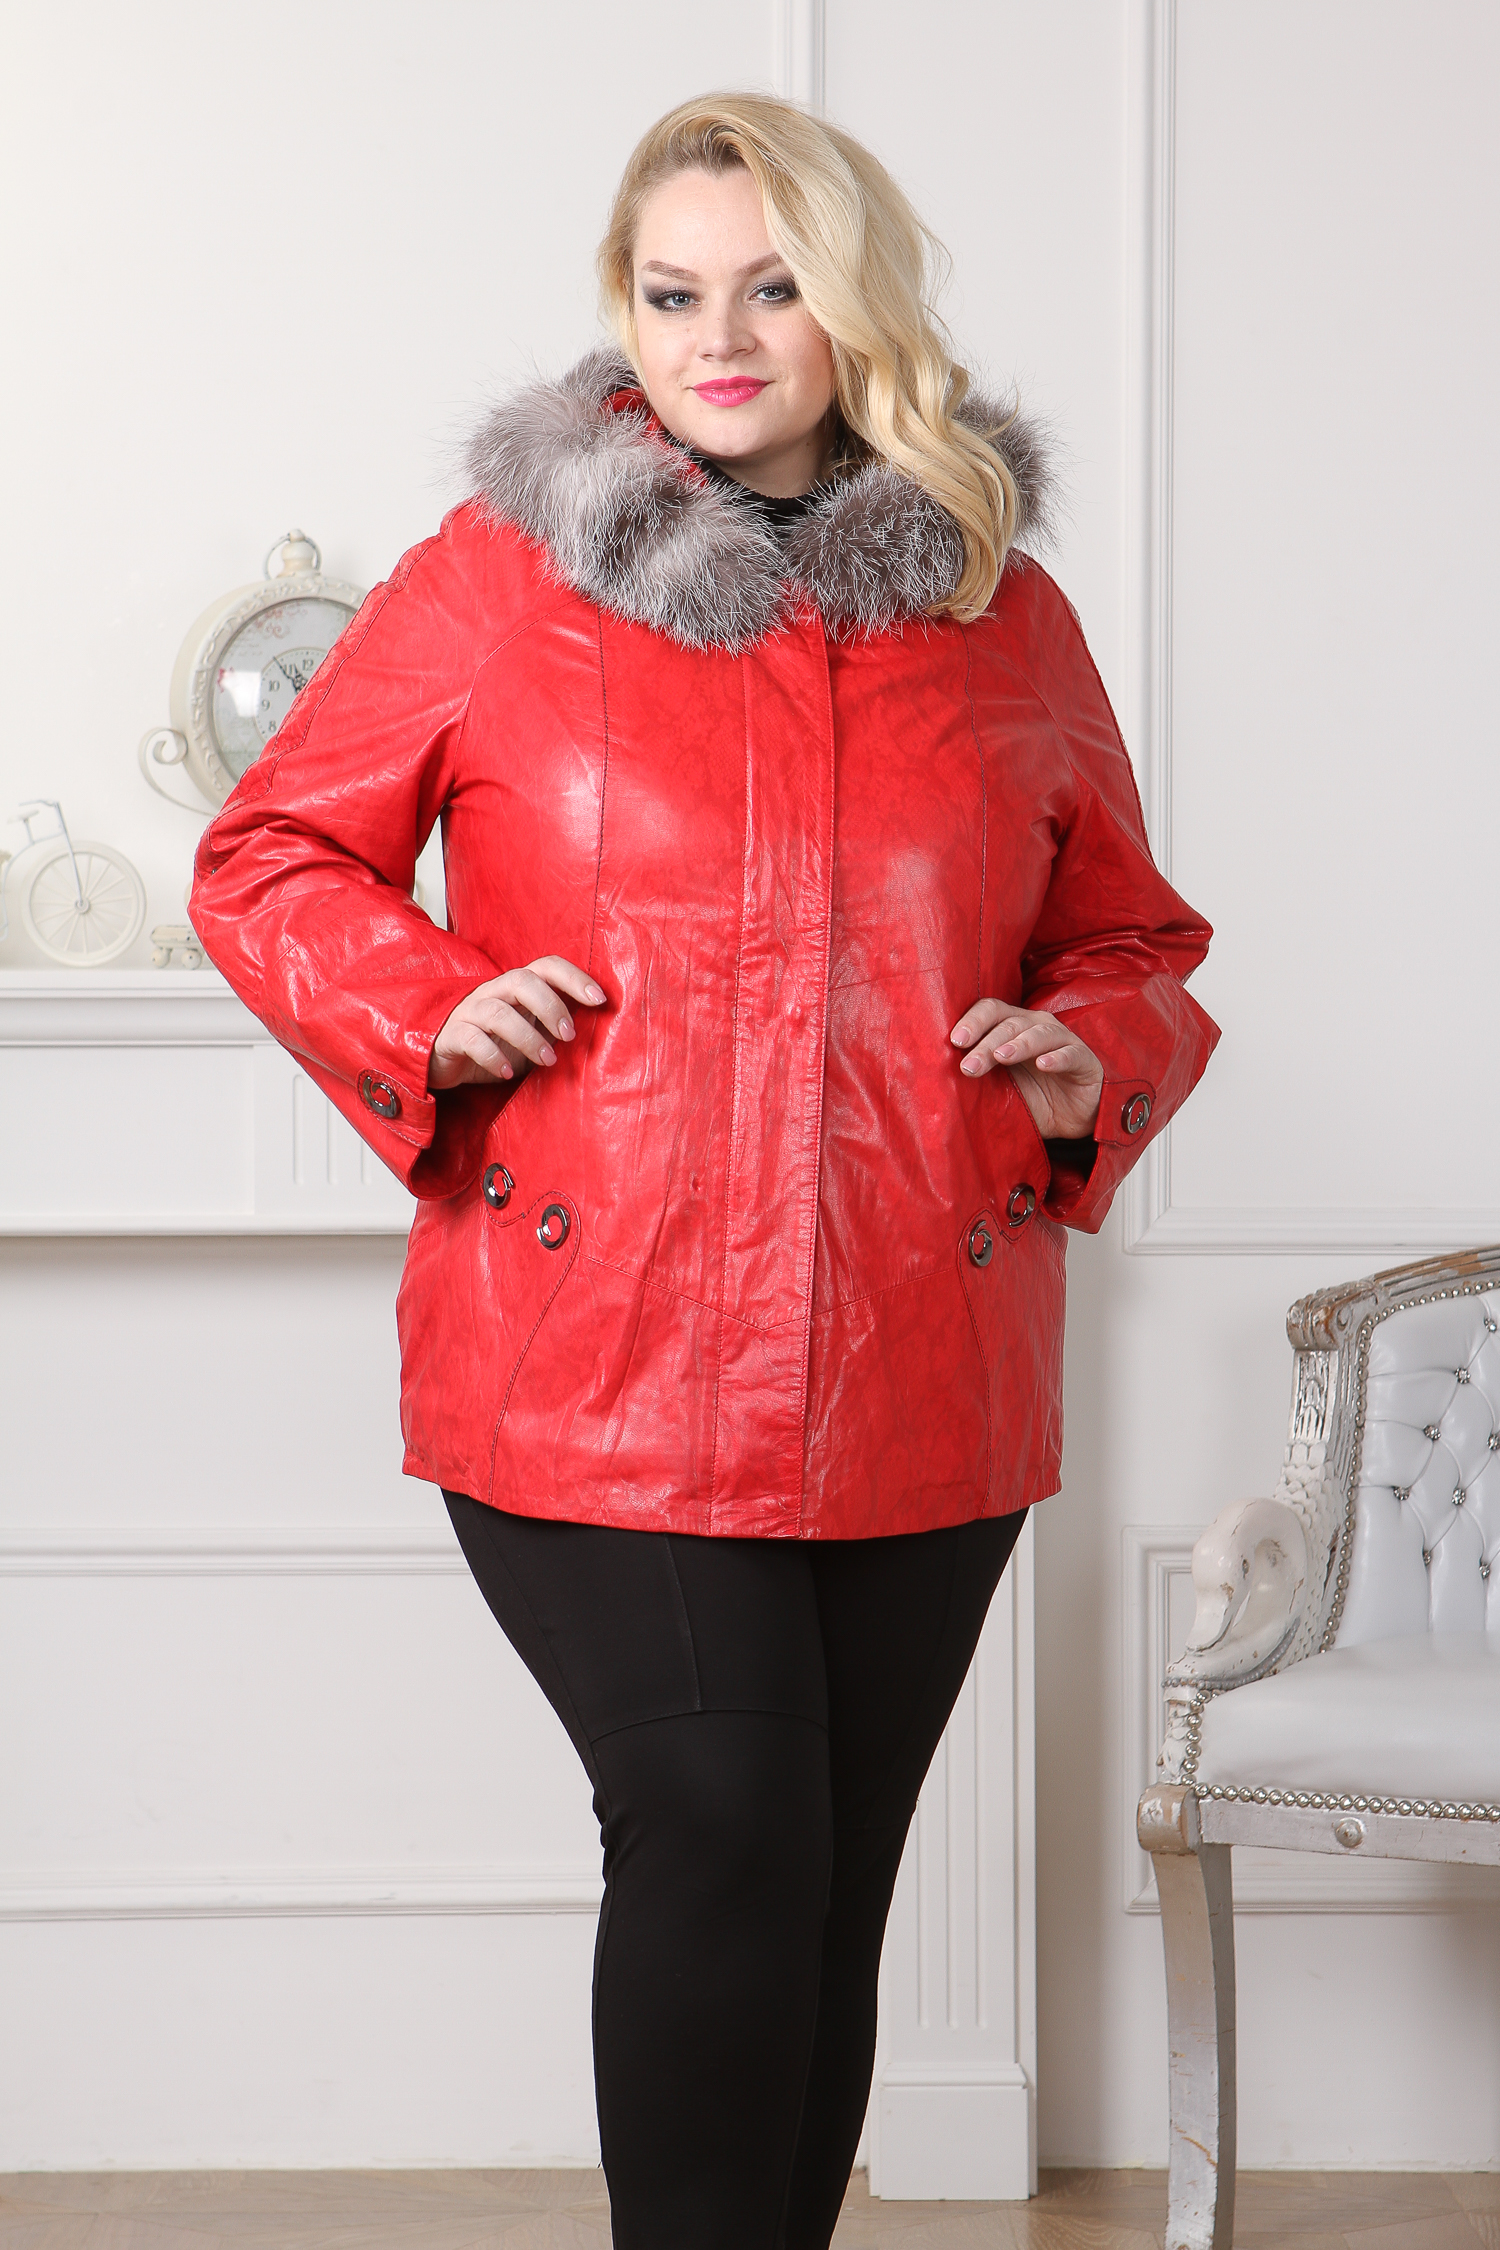 Женская кожаная куртка из натуральной кожи с капюшоном, отделка чернобурка. Производитель: Московская Меховая Компания, артикул: 8736